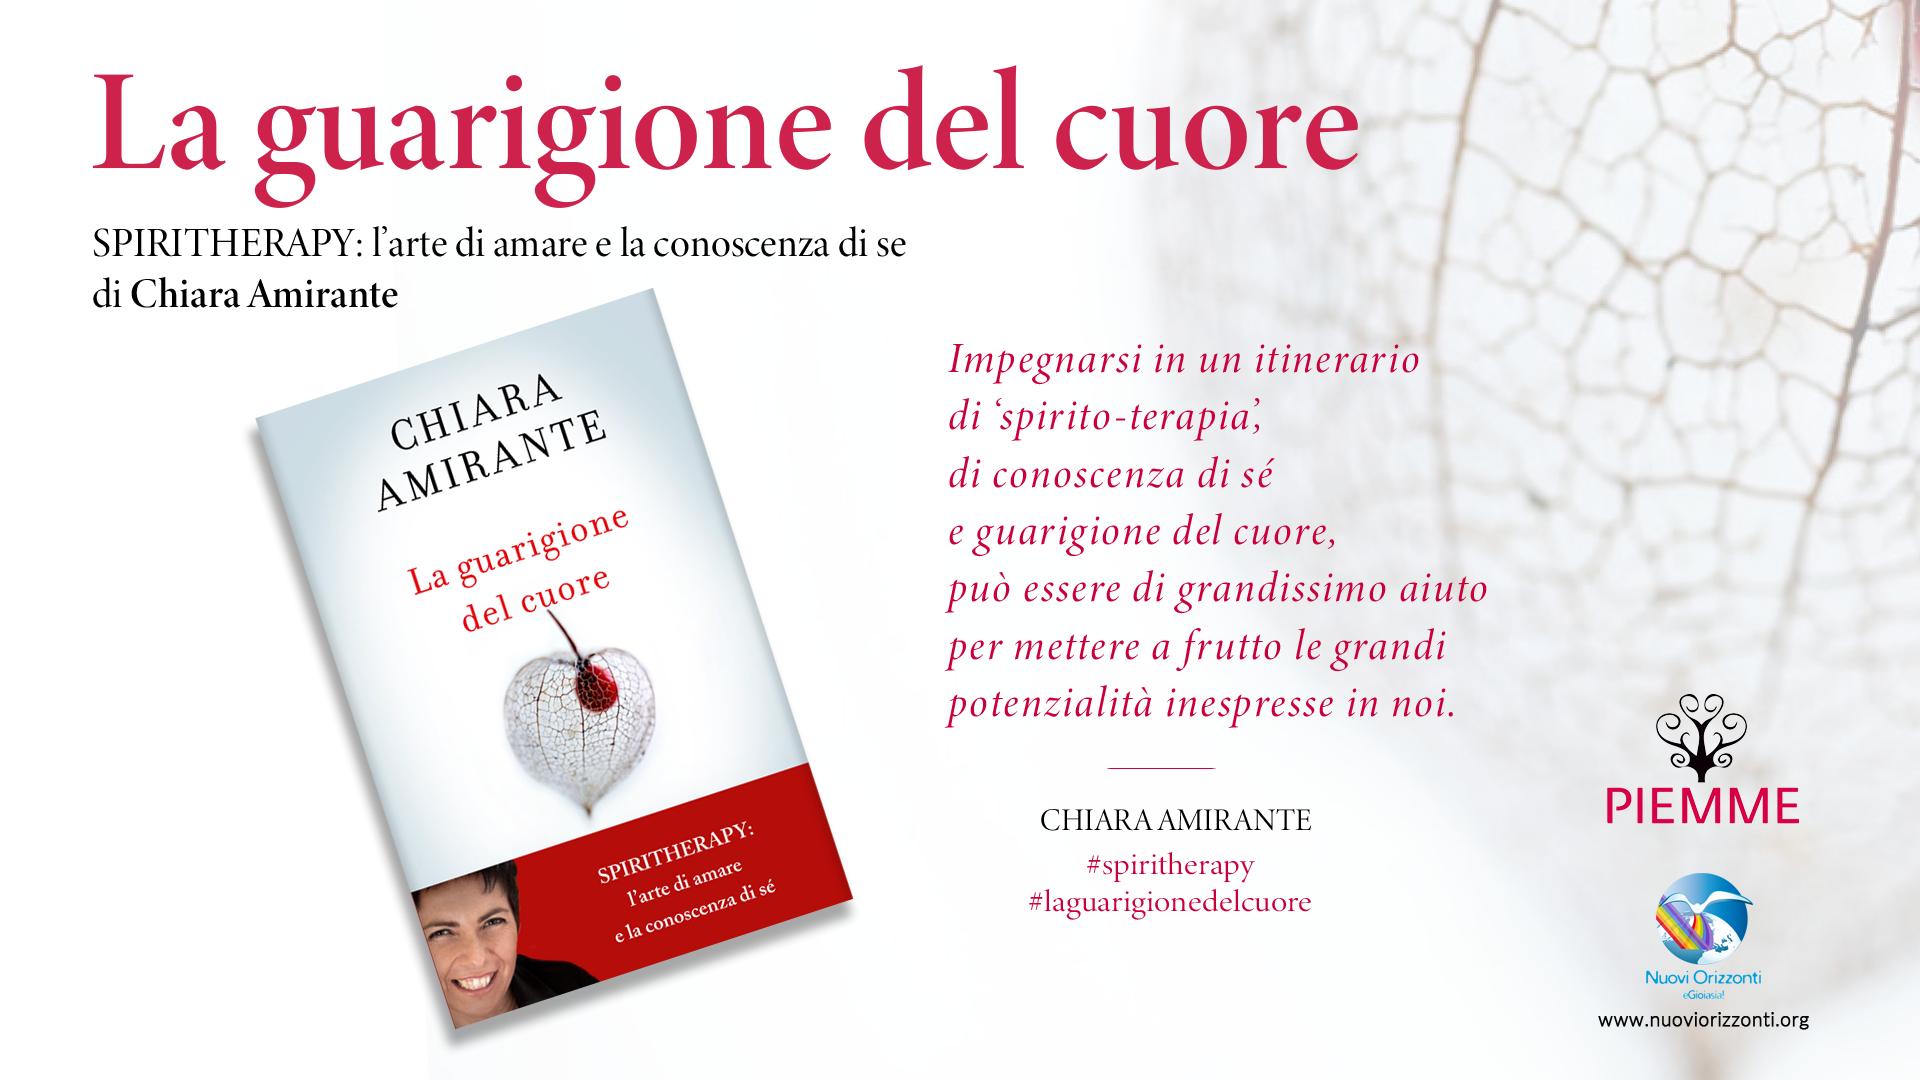 La guarigione del Cuore. Il nuovo libro di Chiara Amirante - Nuovi Orizzonti